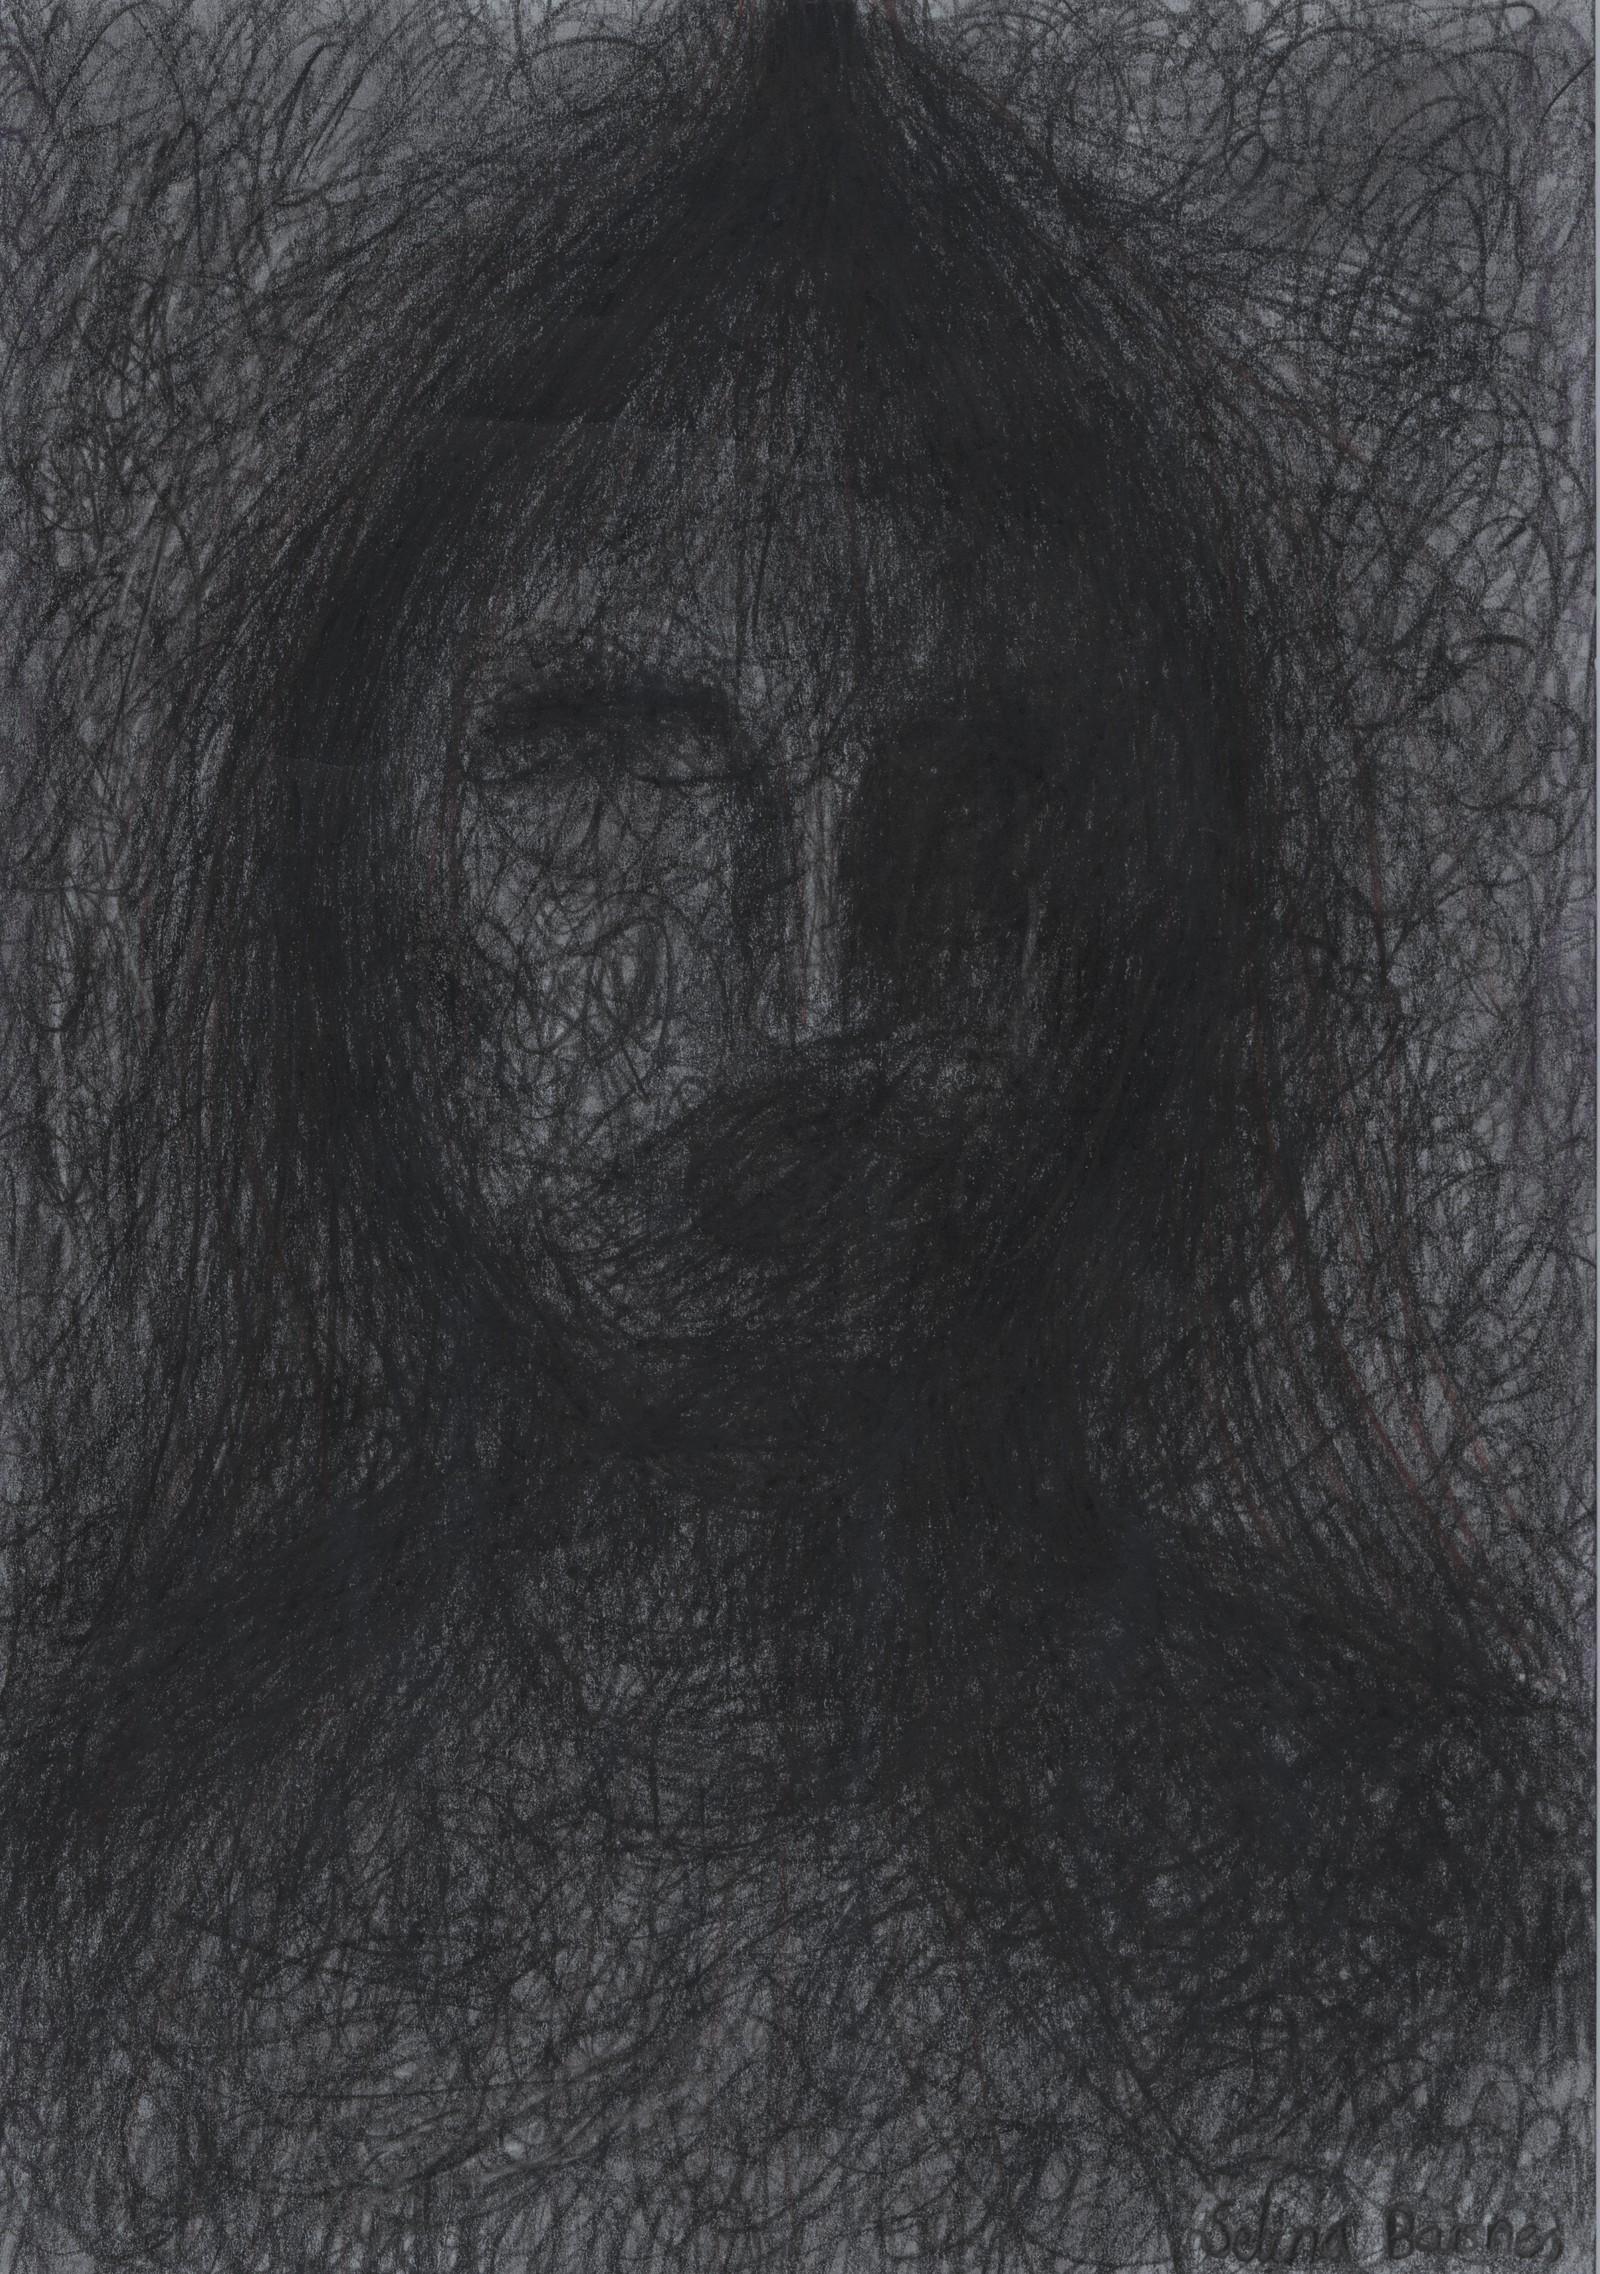 Darkness - Selina Barsnes, Årdal